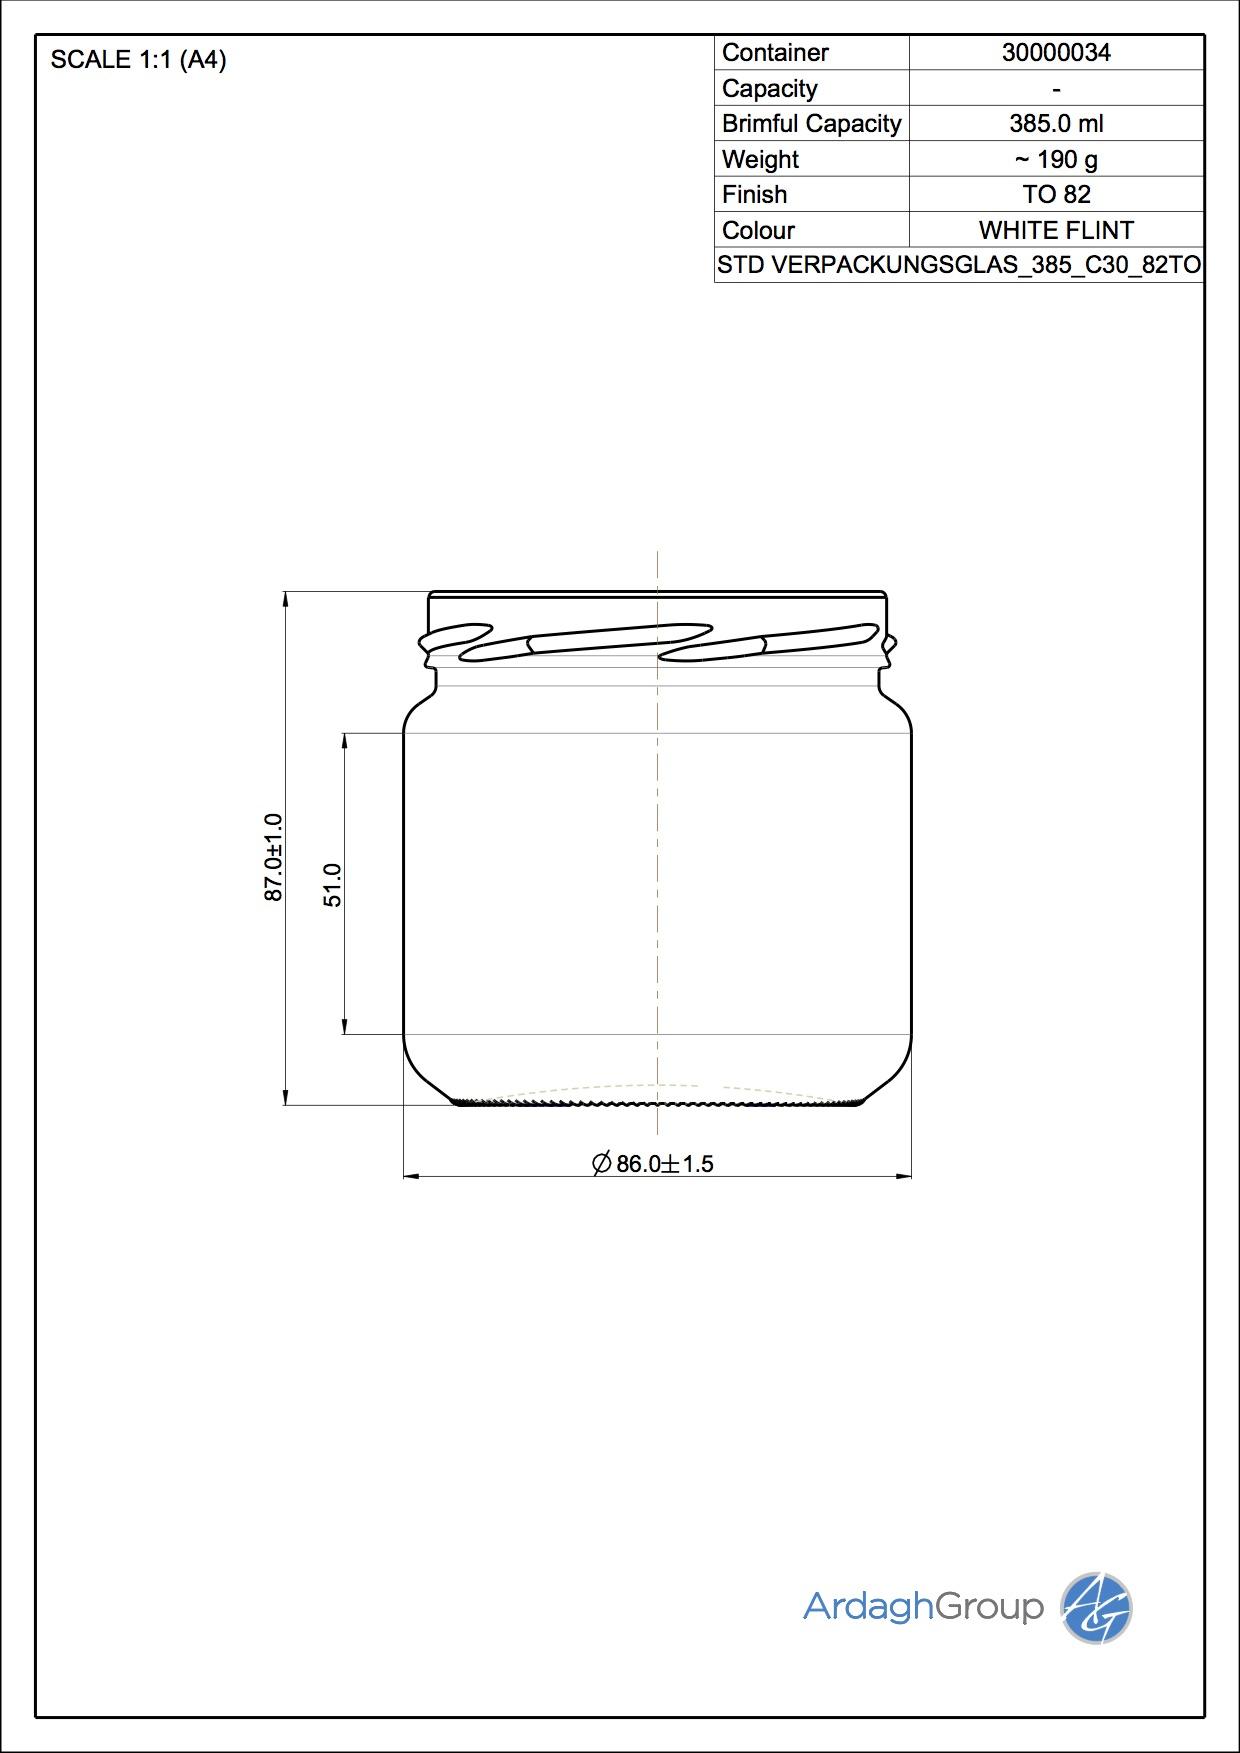 Verpackungsglas 385 C30 82TO